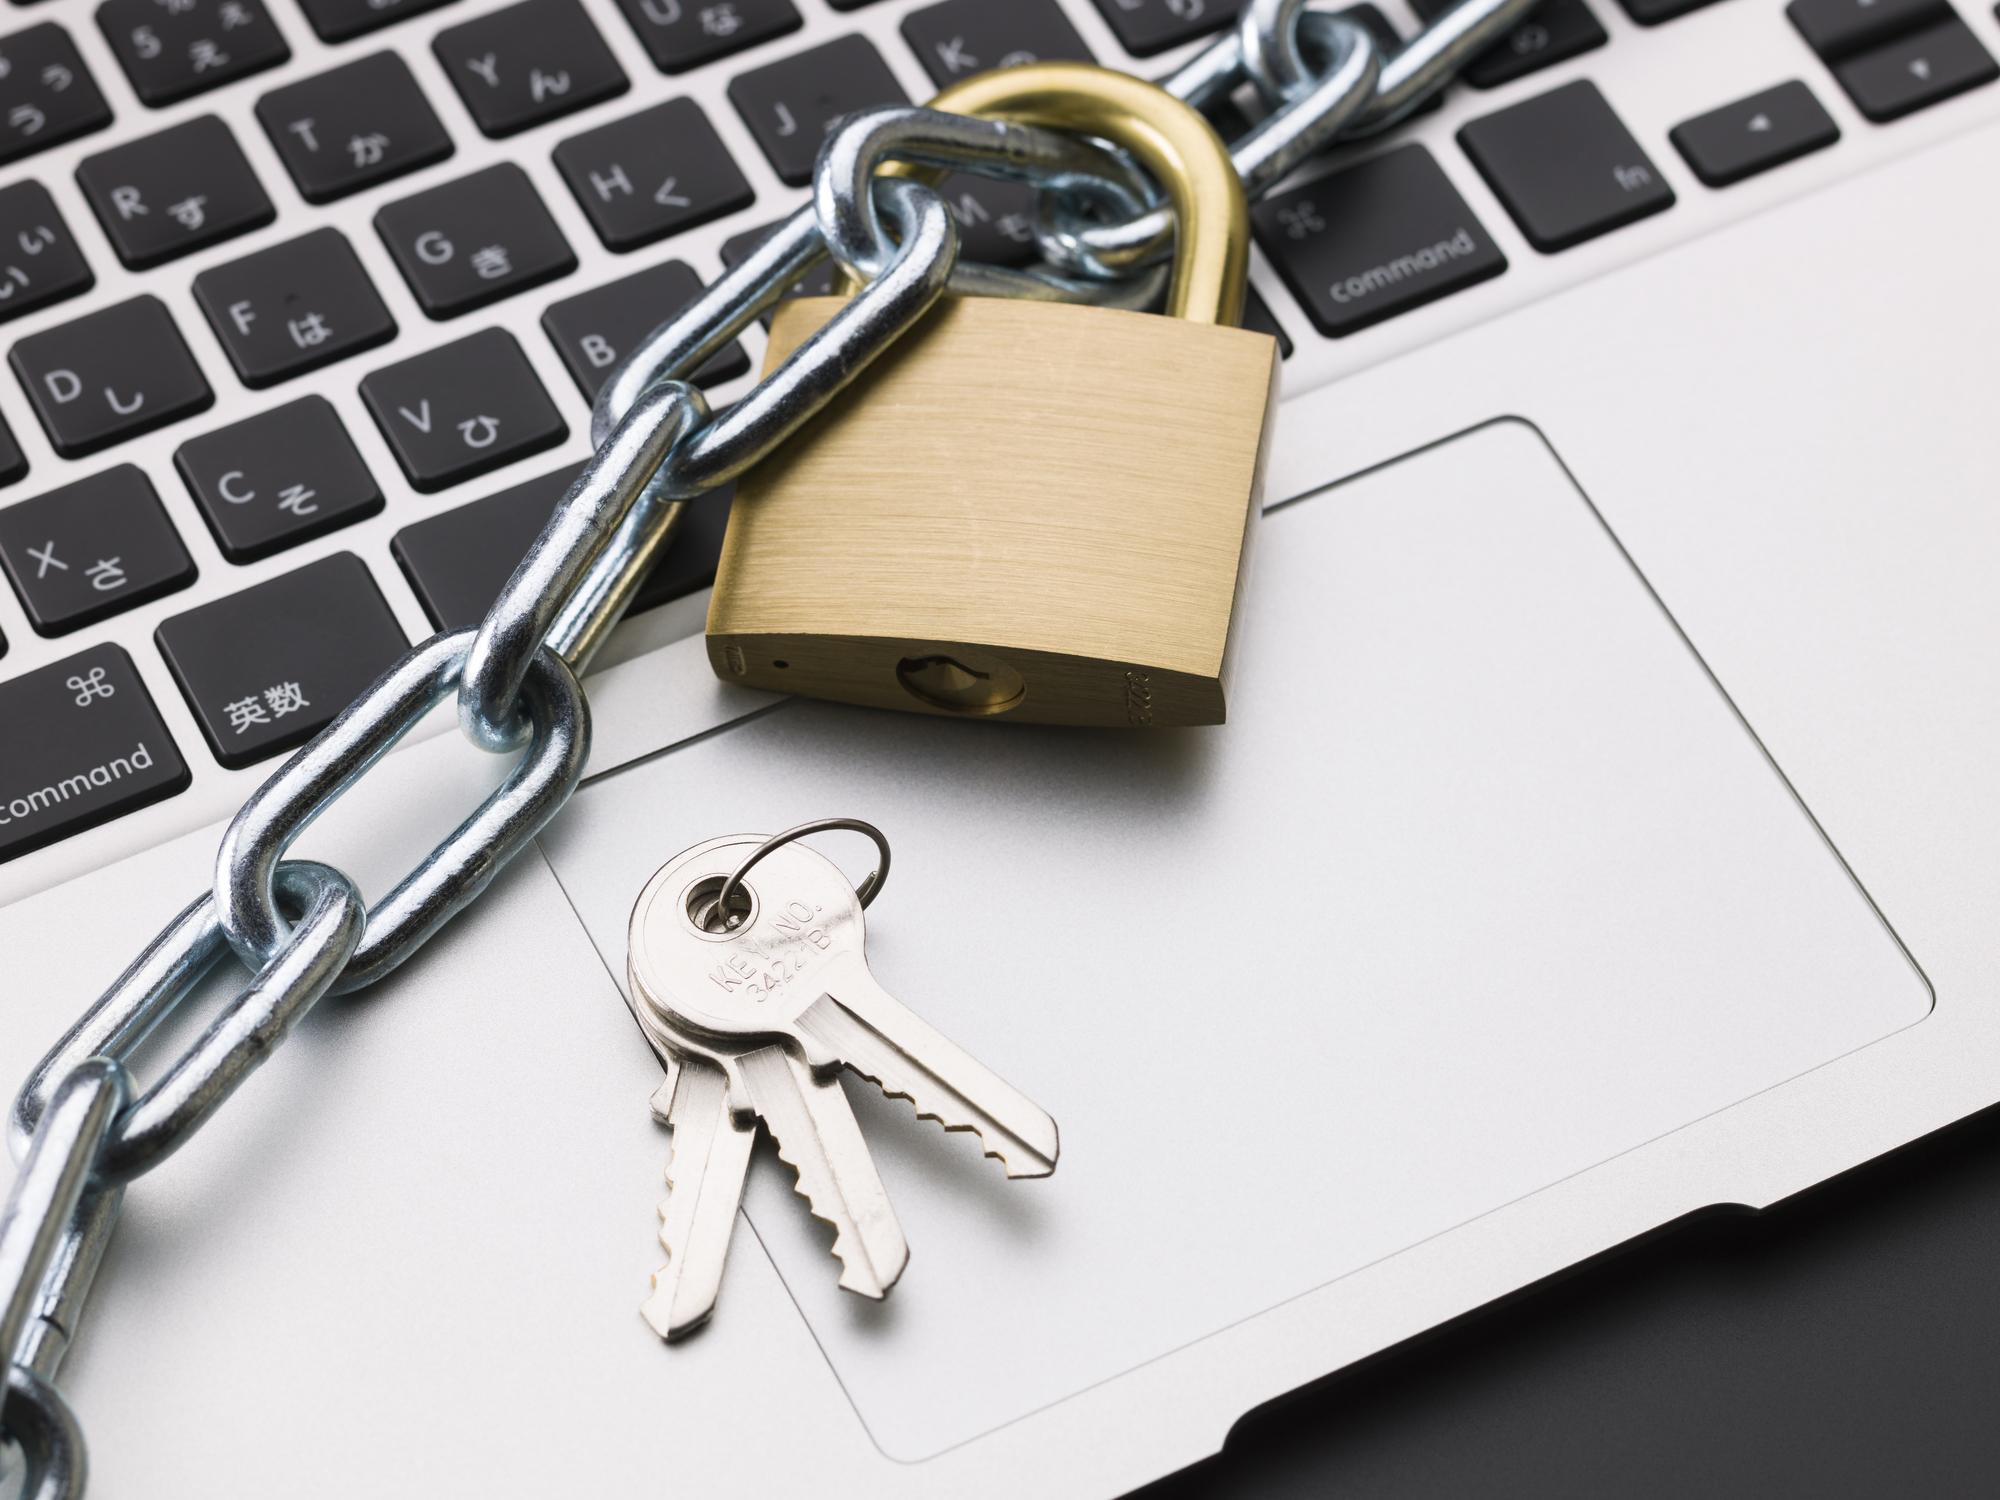 【Wi-Fiのセキュリティに必須のWPA】最新のWPA3の機能や脆弱性についてのアイキャッチイメージ